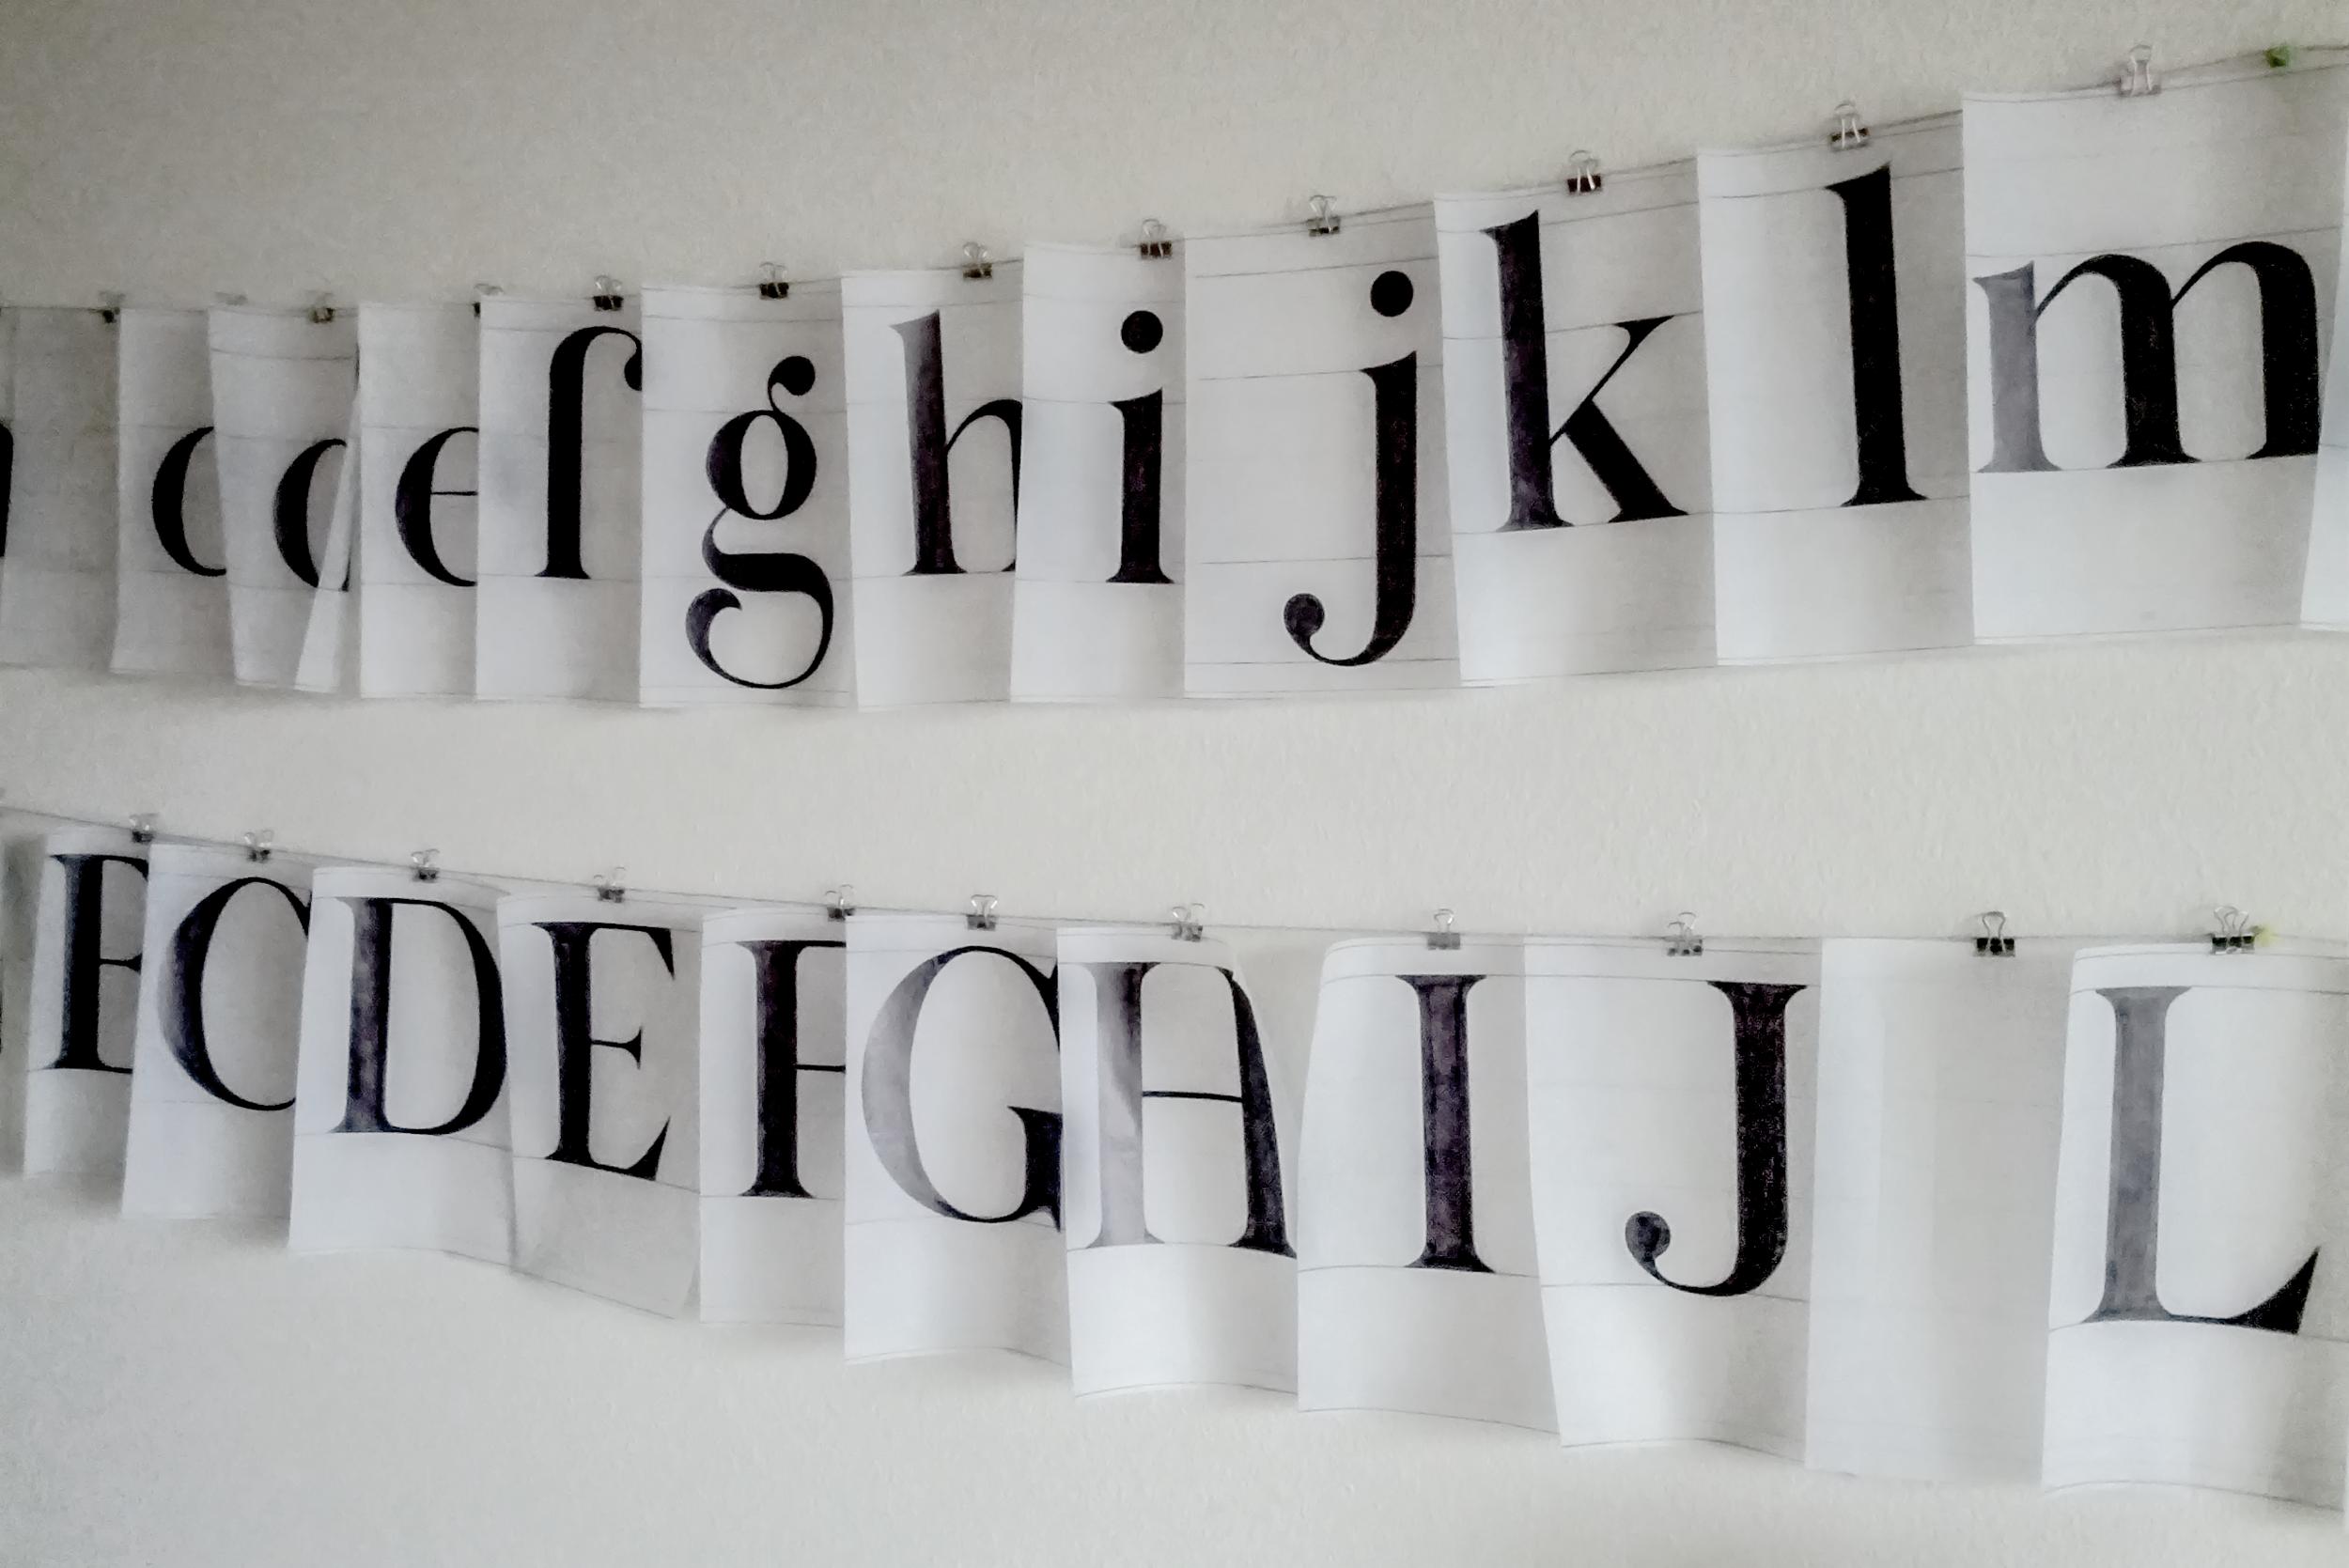 Copy of Letters in progress